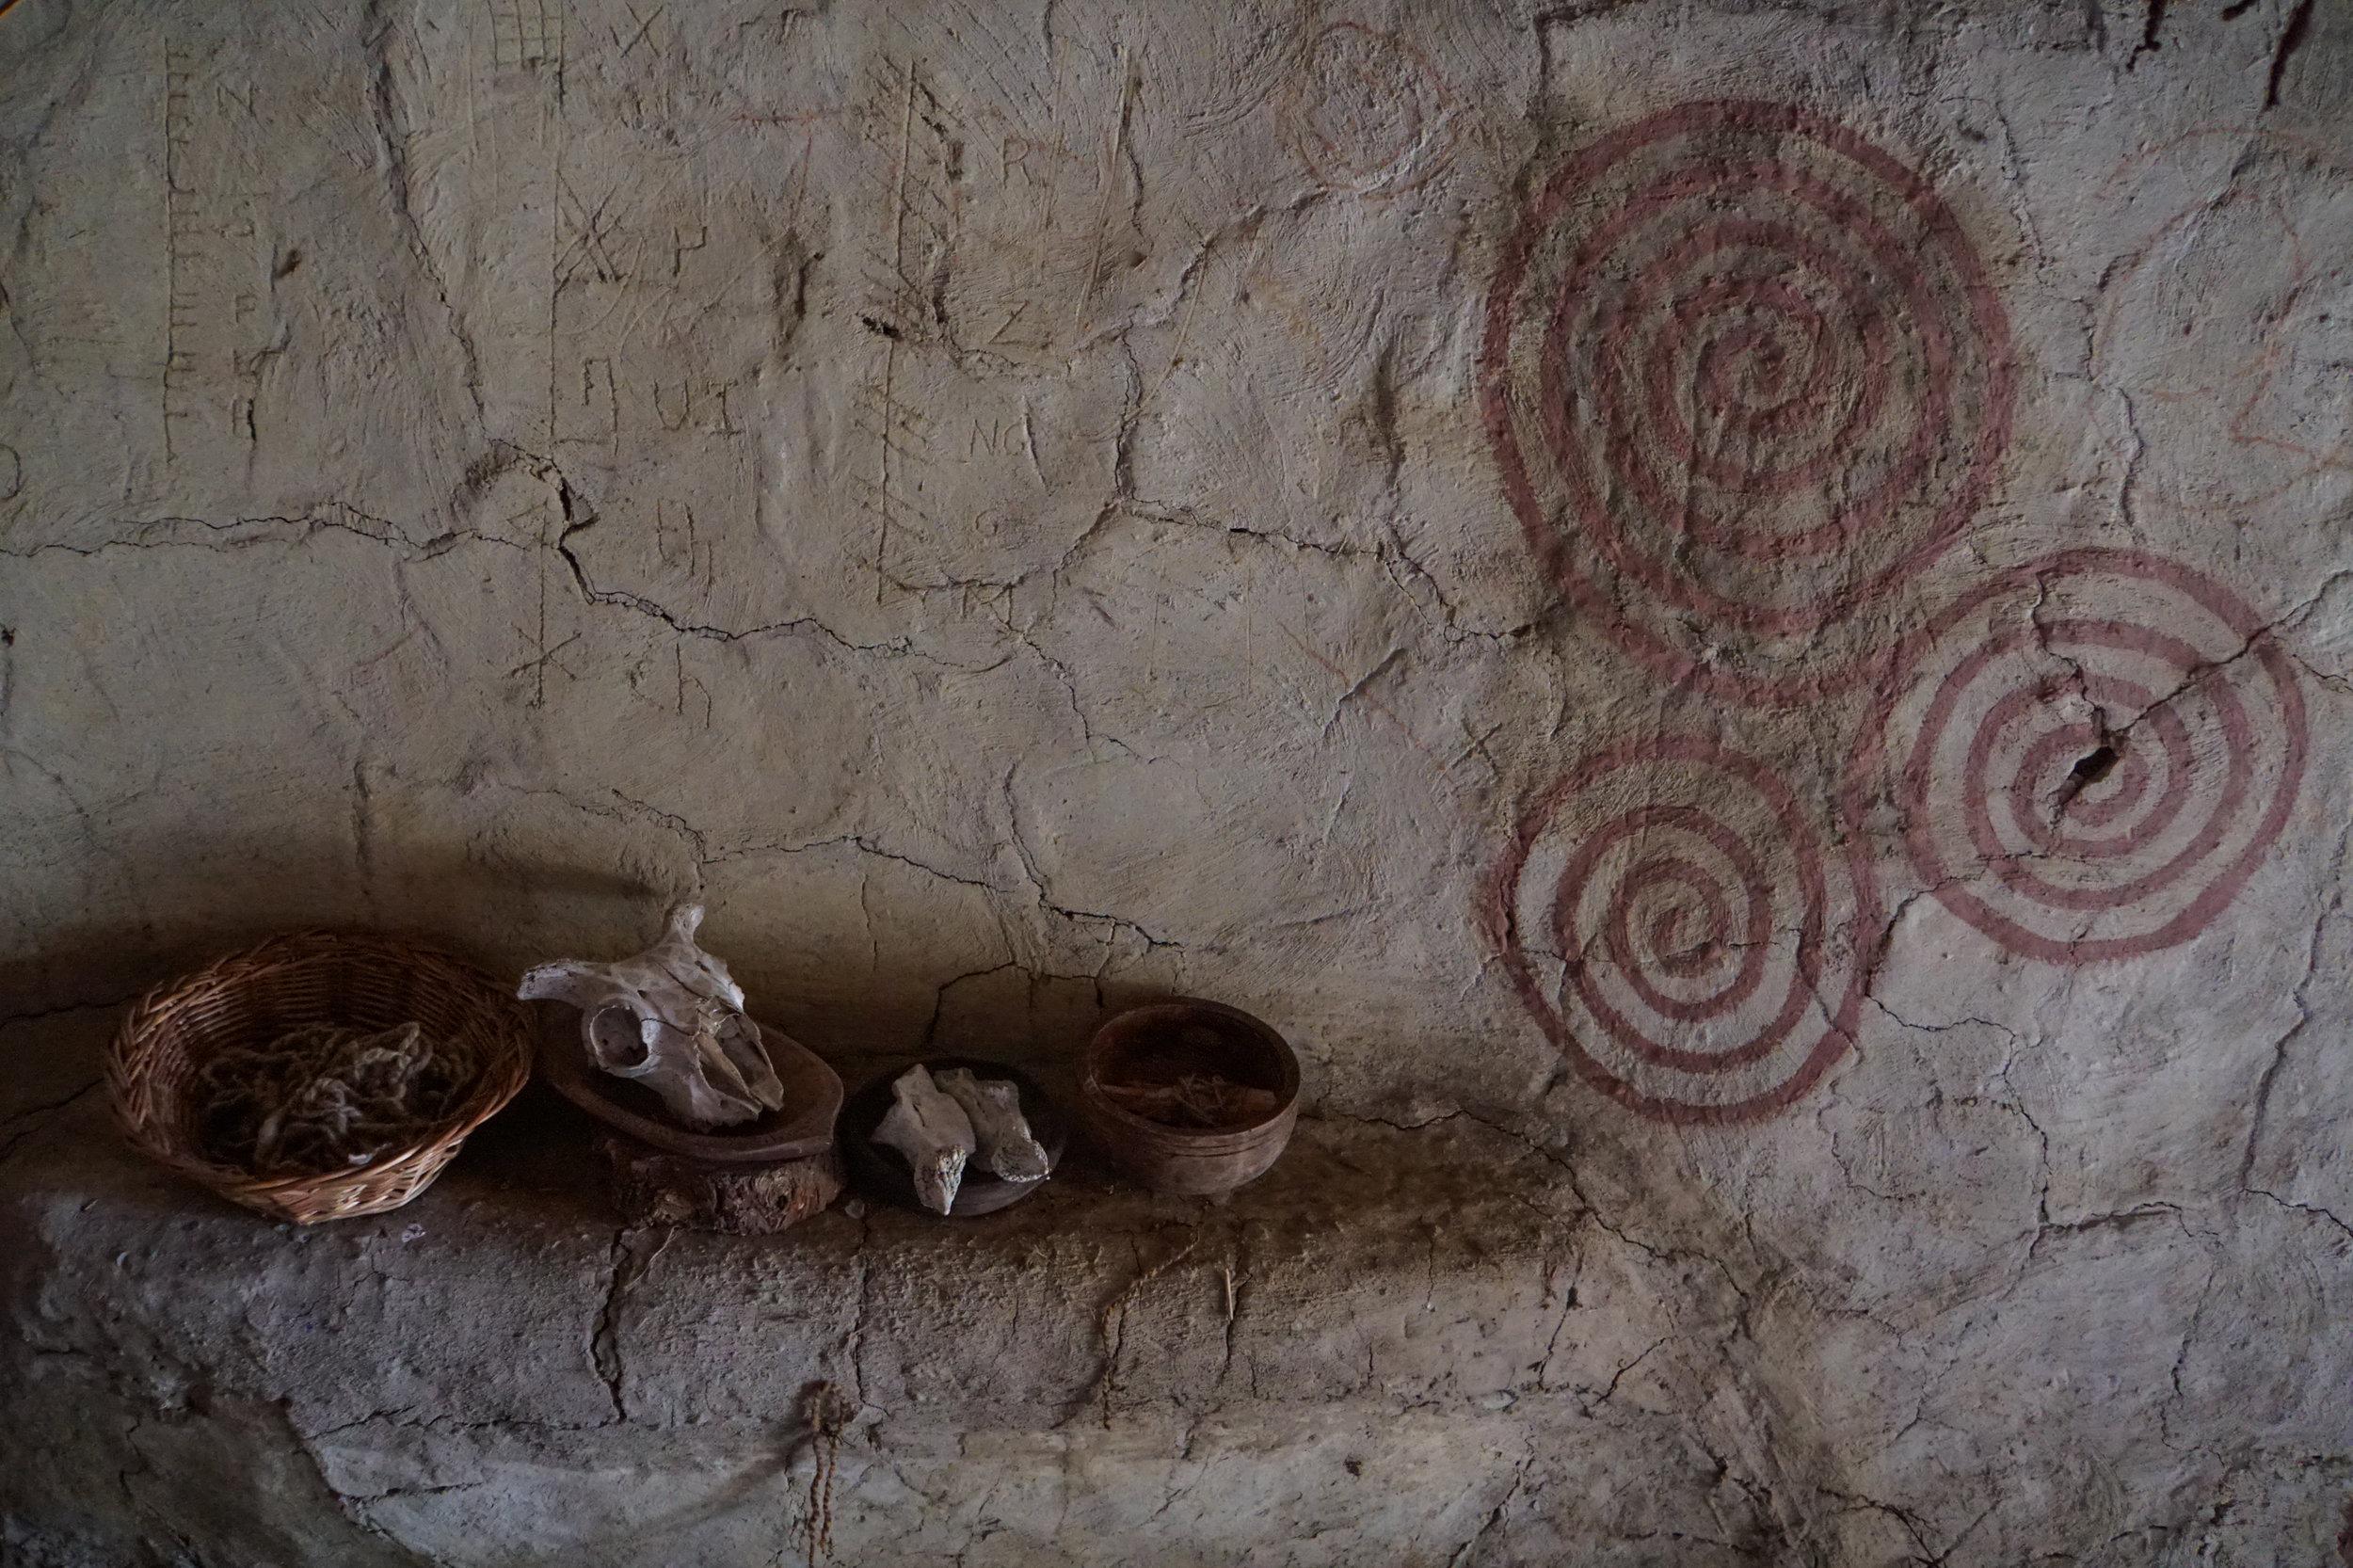 Ancient celts Ireland travel creative nonfiction